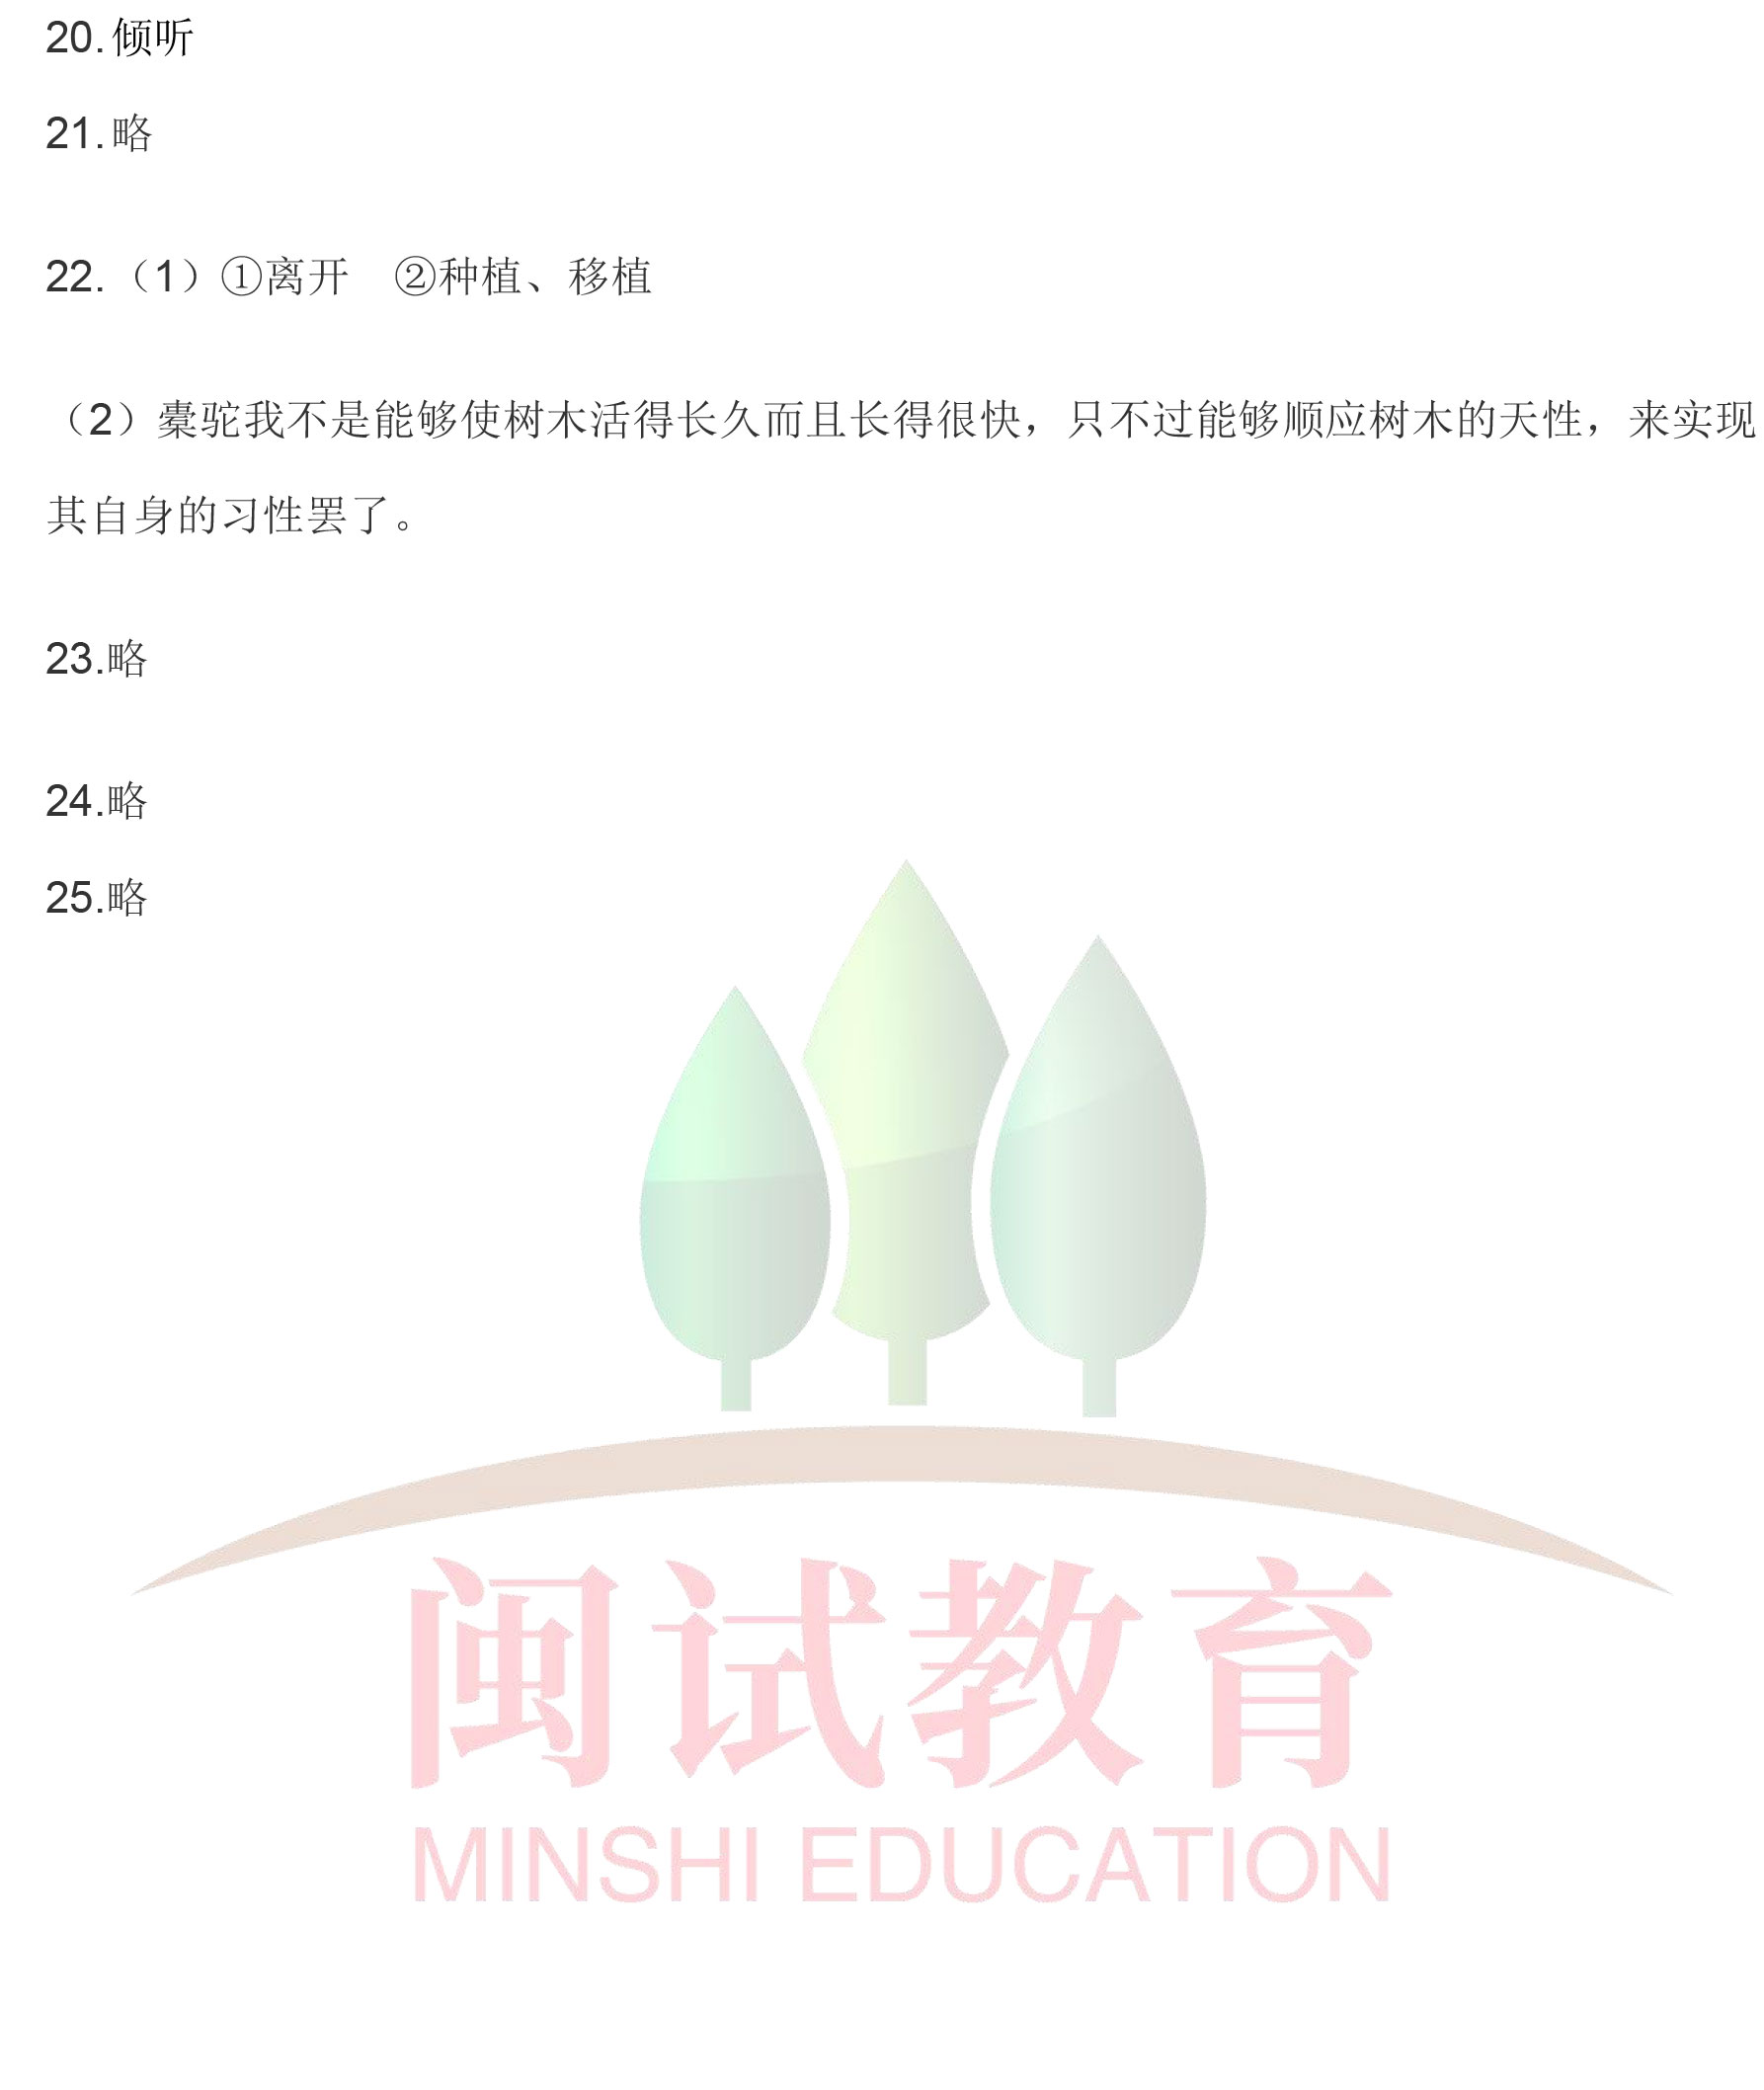 2019年福建教师招聘考试小学语文真题参考答案